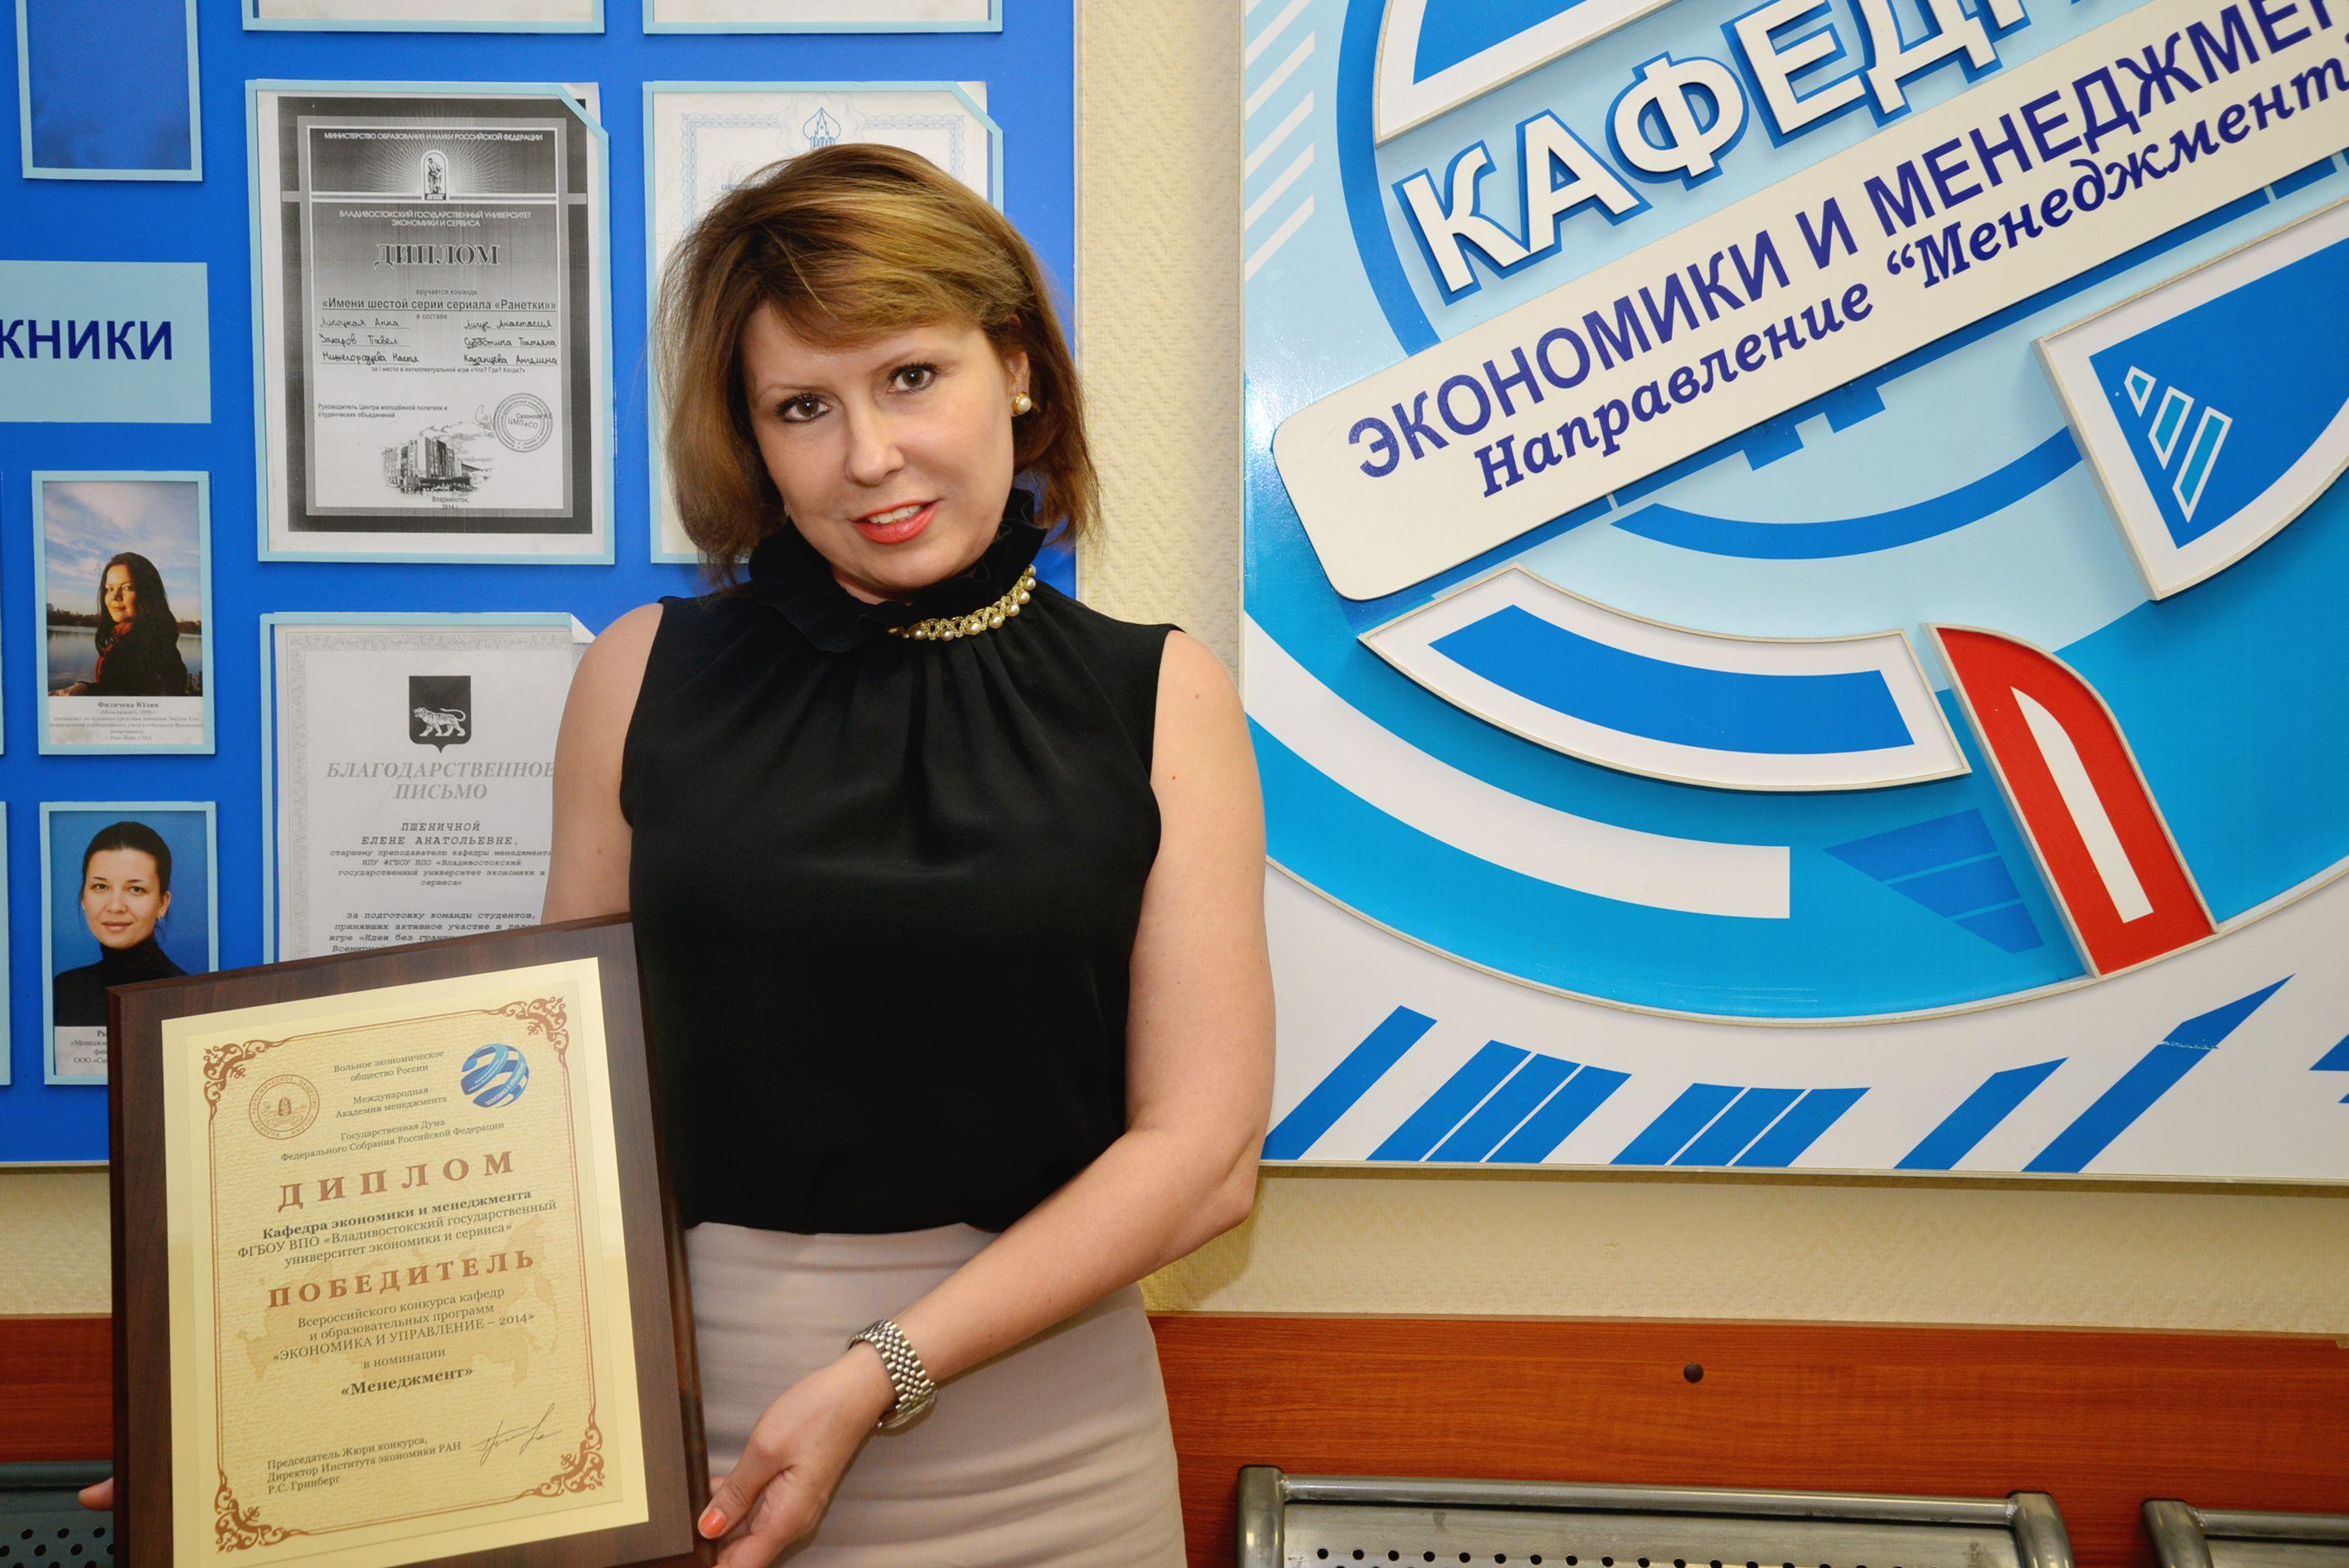 Кафедра экономики и менджмента ВГУЭС победила на Всероссийском конкурсе и признана лучшей.